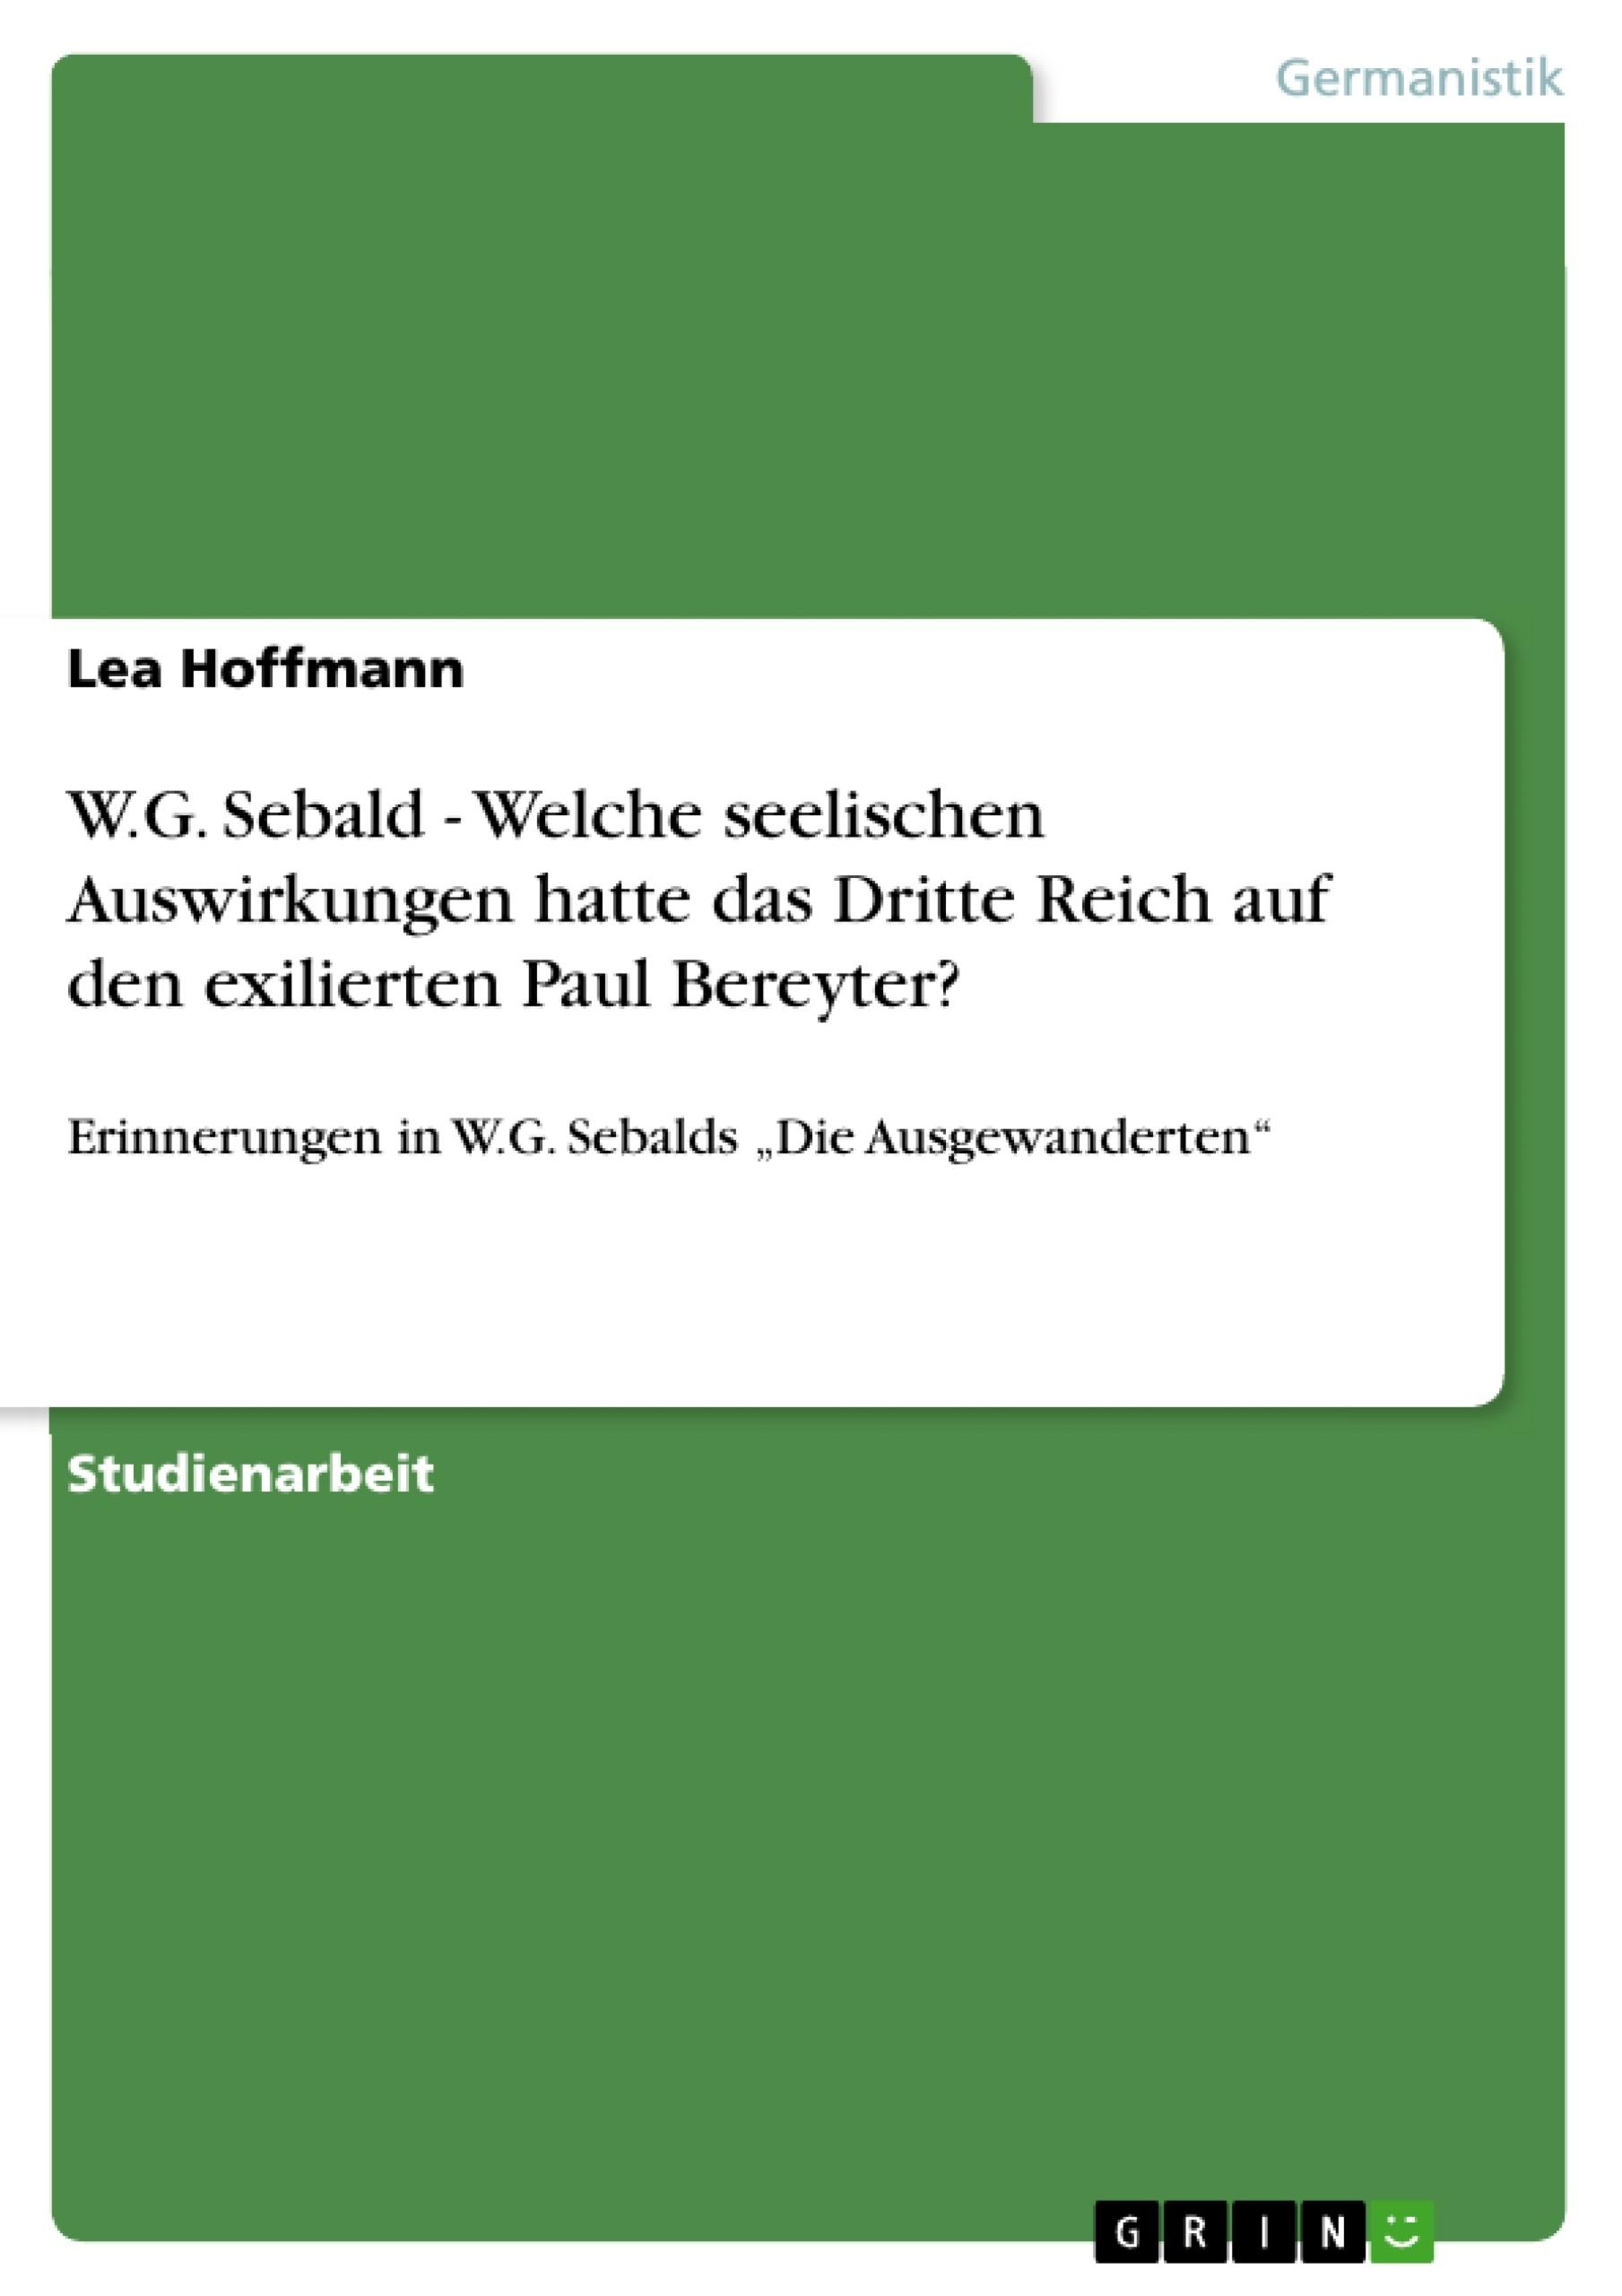 Titel: W.G. Sebald - Welche seelischen Auswirkungen hatte das Dritte Reich auf den exilierten Paul Bereyter?